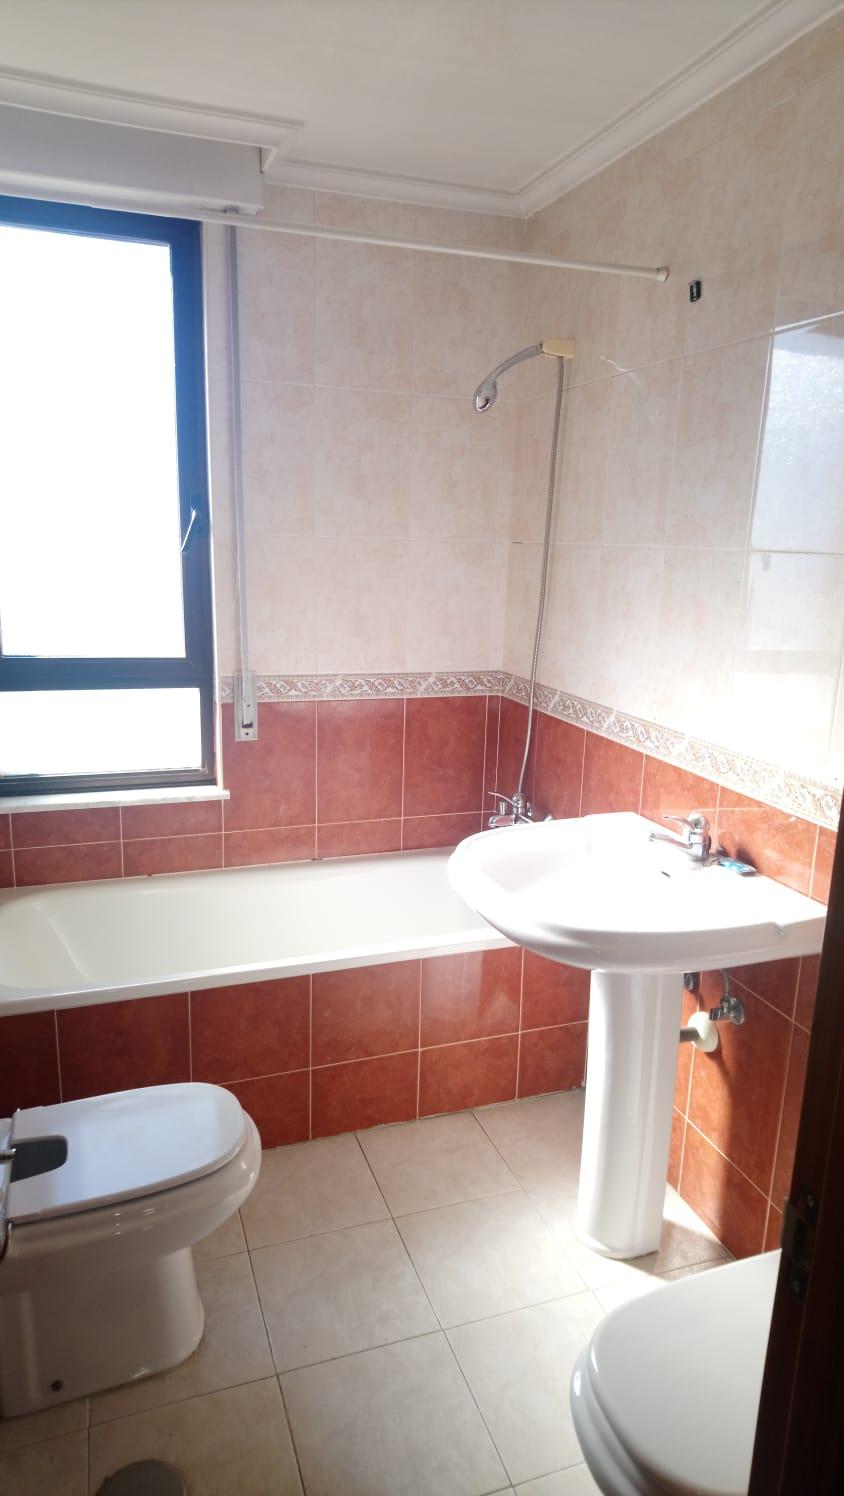 apartamento en calle COLOMBIA (REF: 7) - foto 9 08413db6-f368-4f61-9163-1e1ea01abd37.jpg